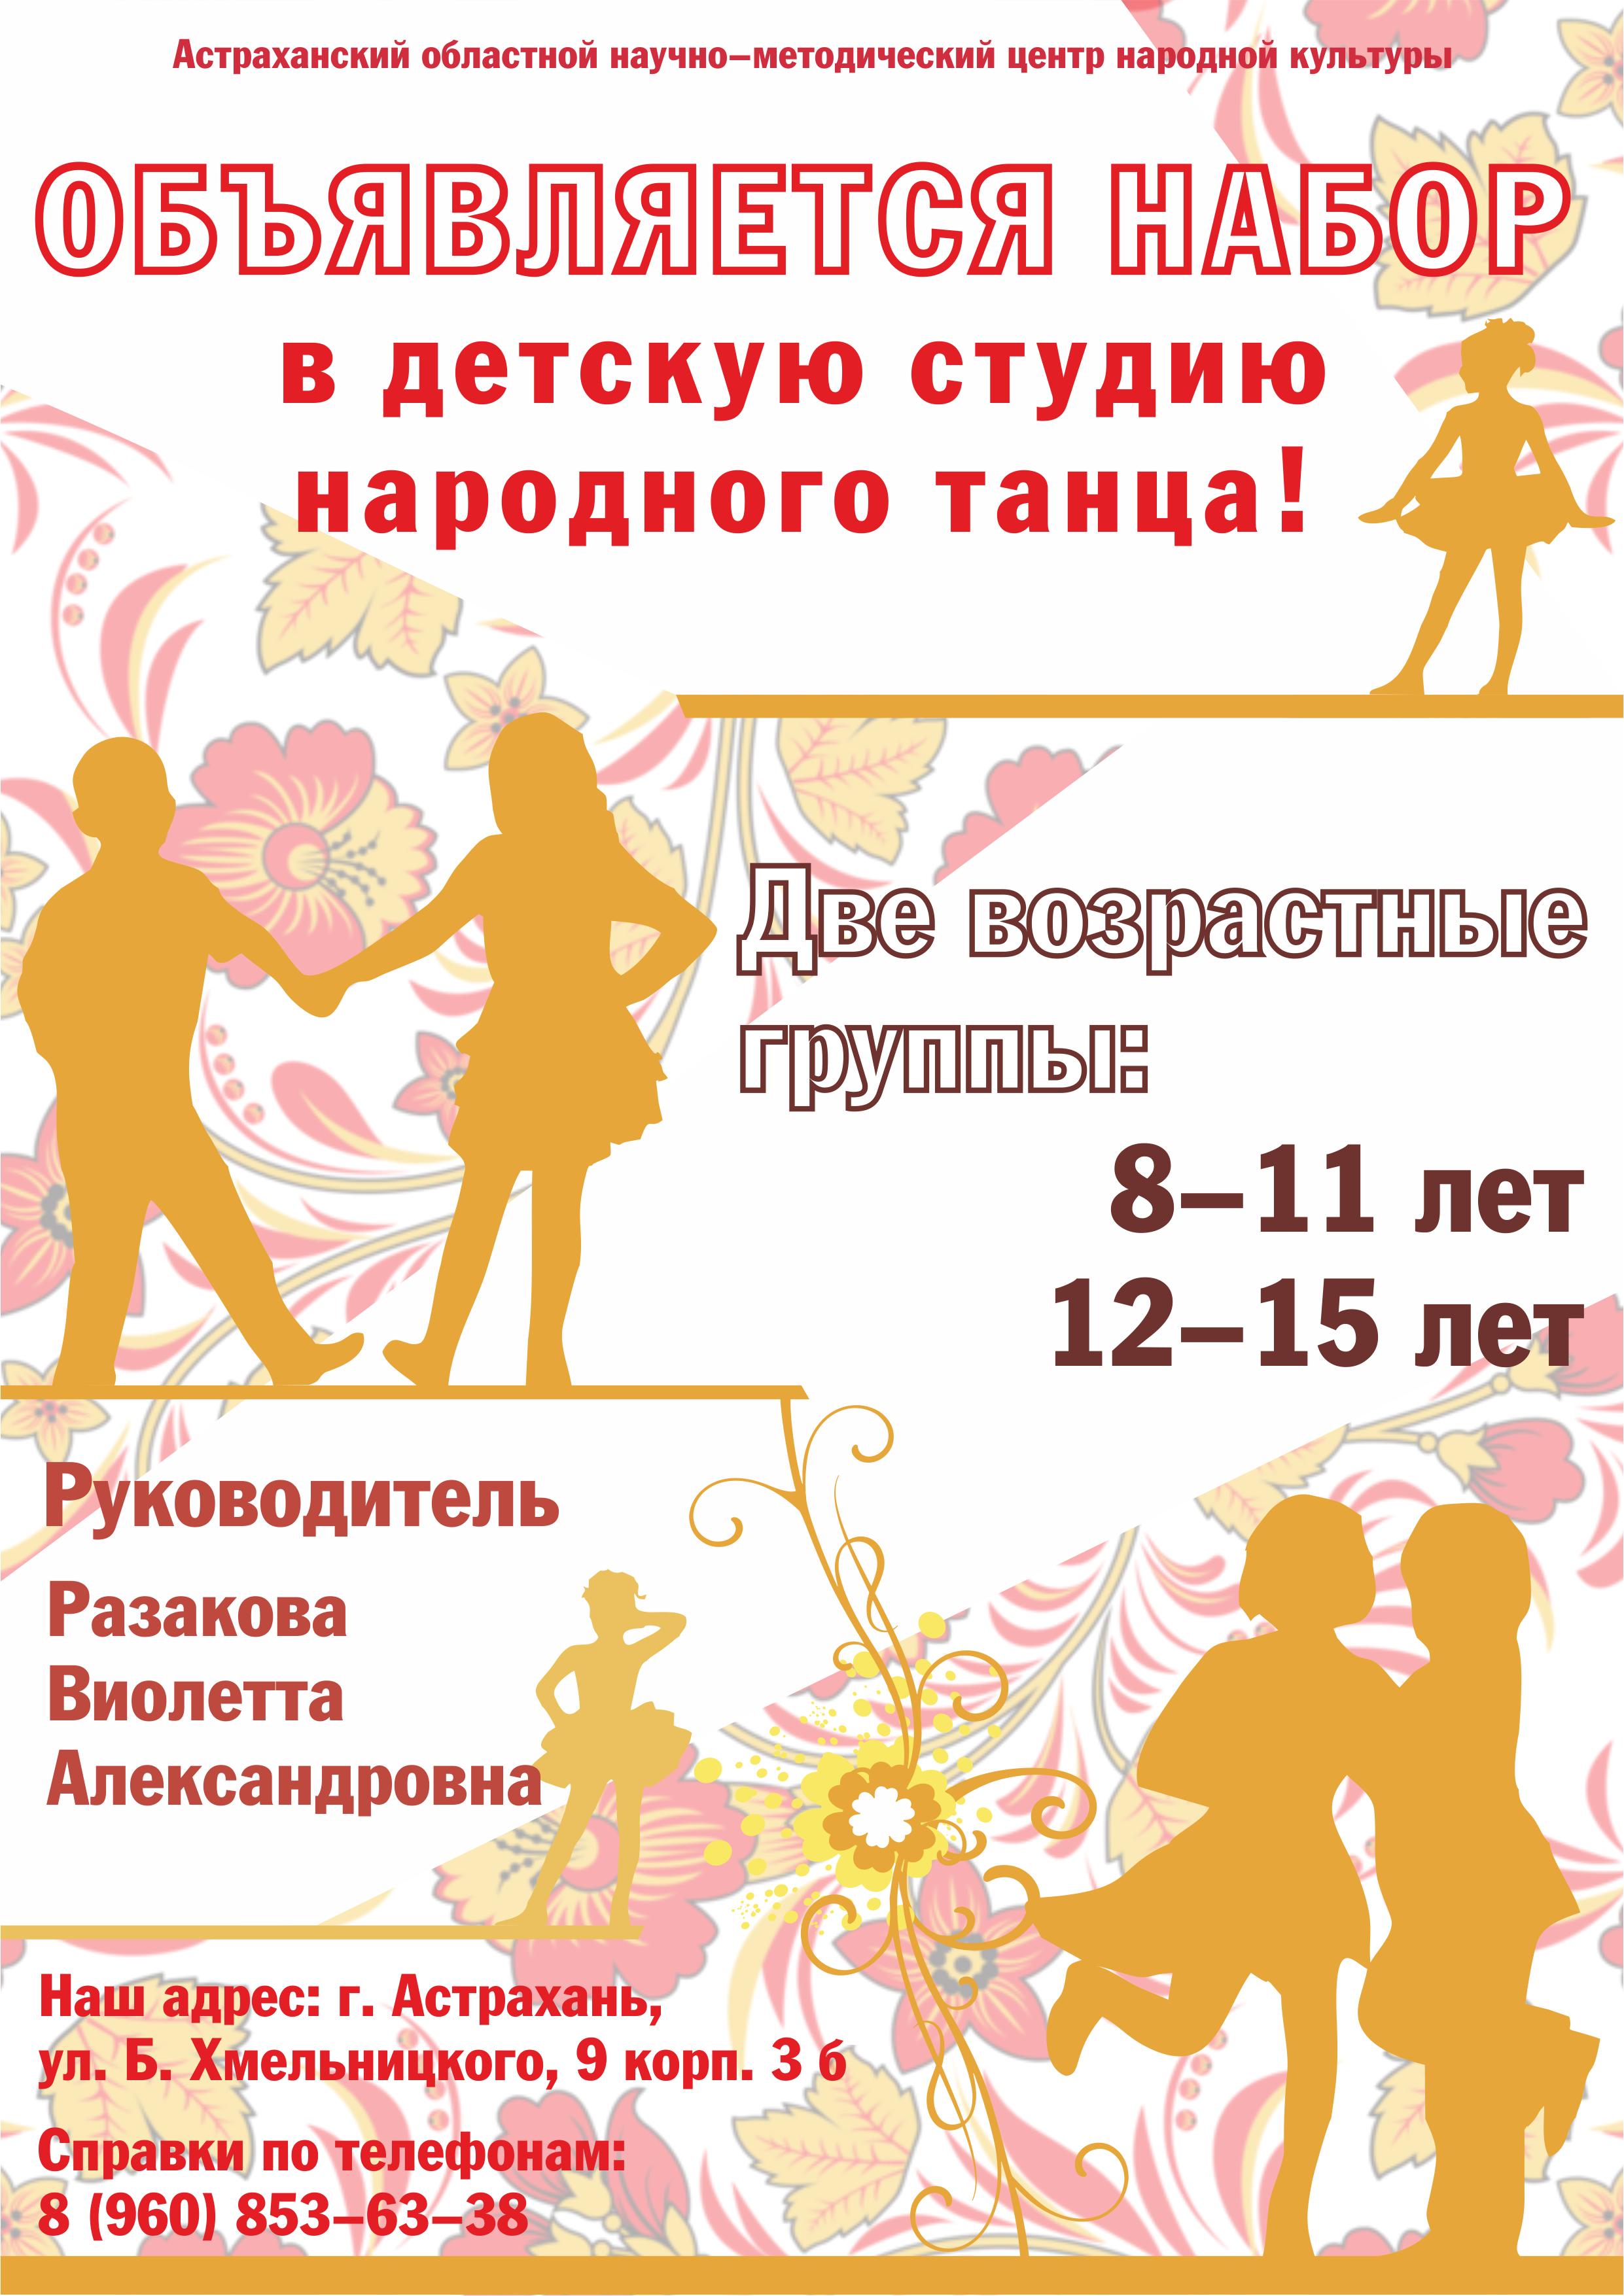 Студия народного танца  объявляет набор детей от 8 до 15 лет